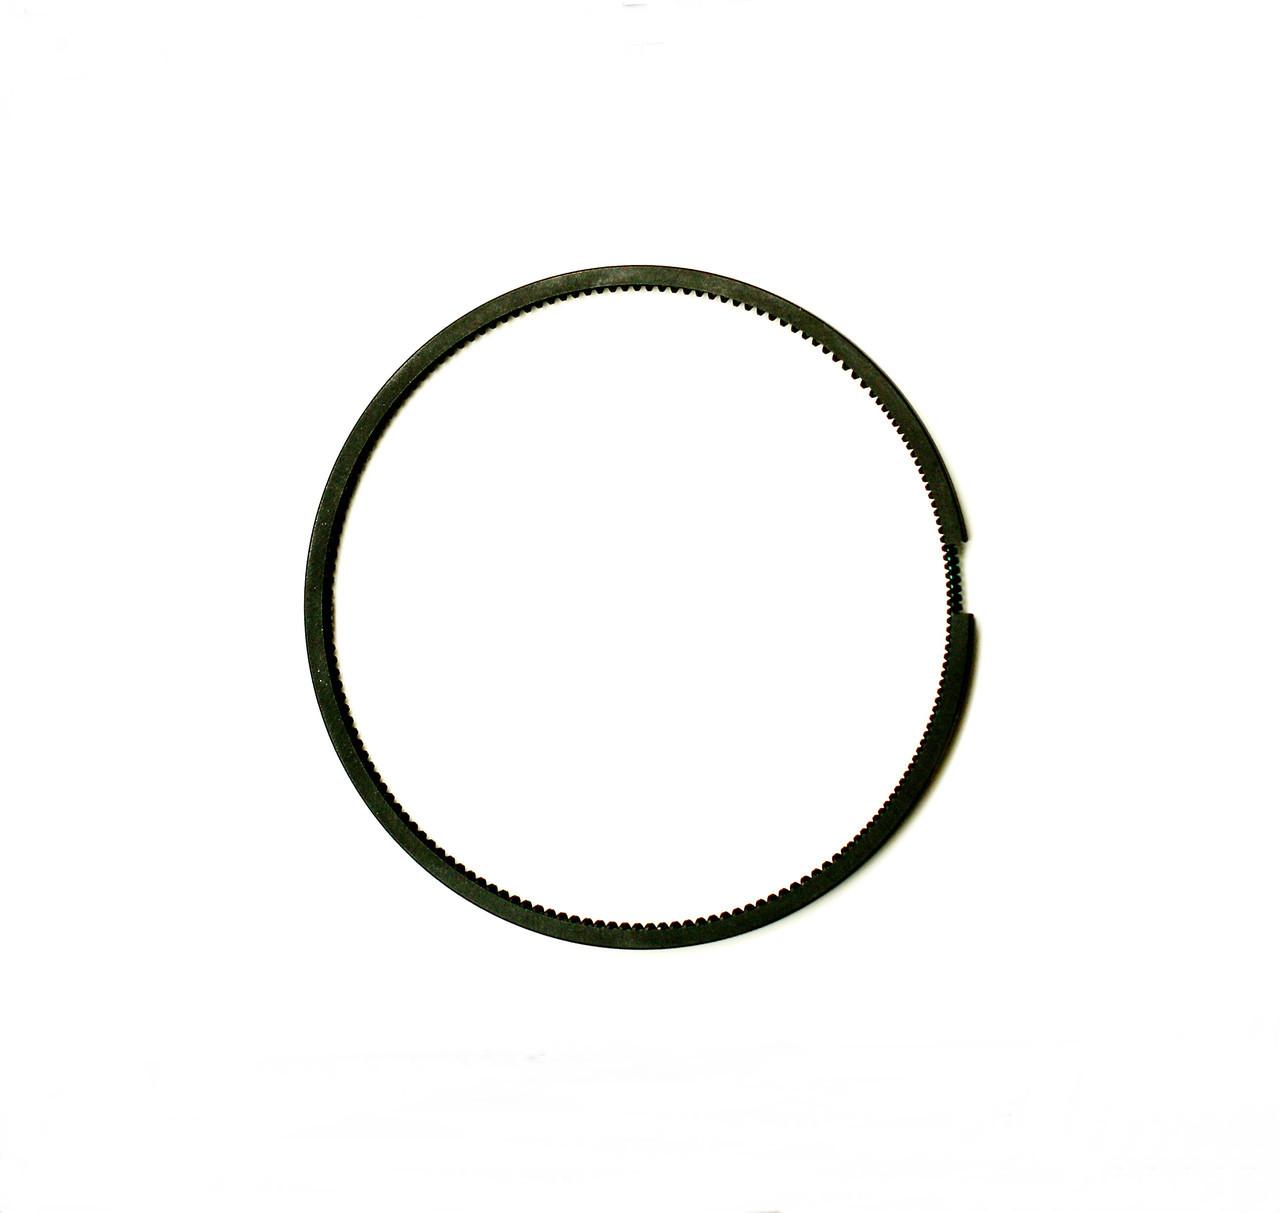 Кольцо поршневое маслосъёмное Cummins 3932520